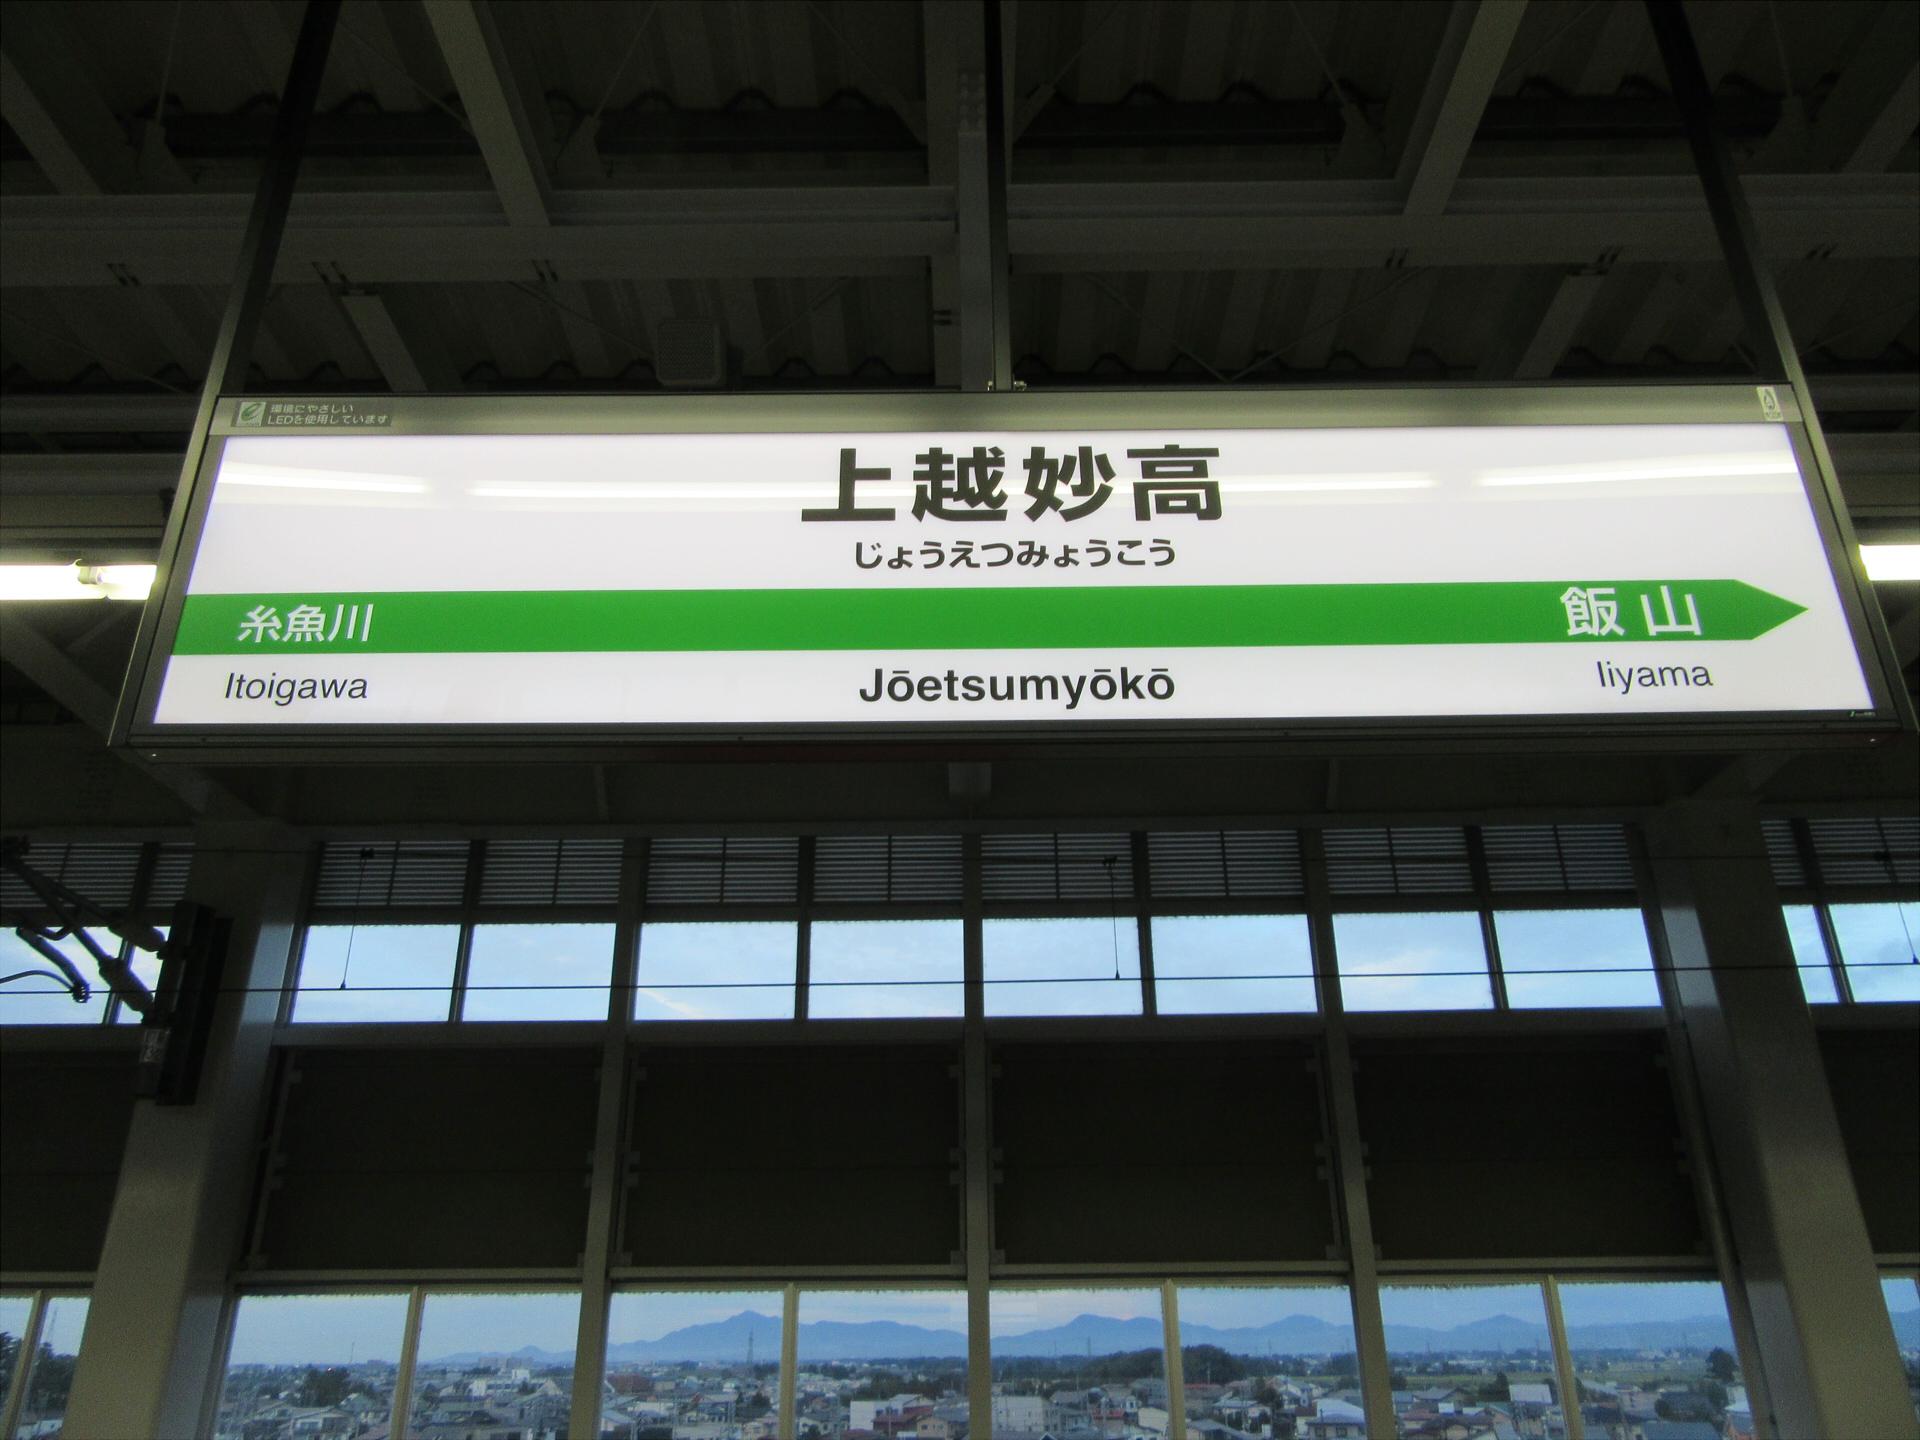 【画像】北陸新幹線 上越妙高駅 駅標